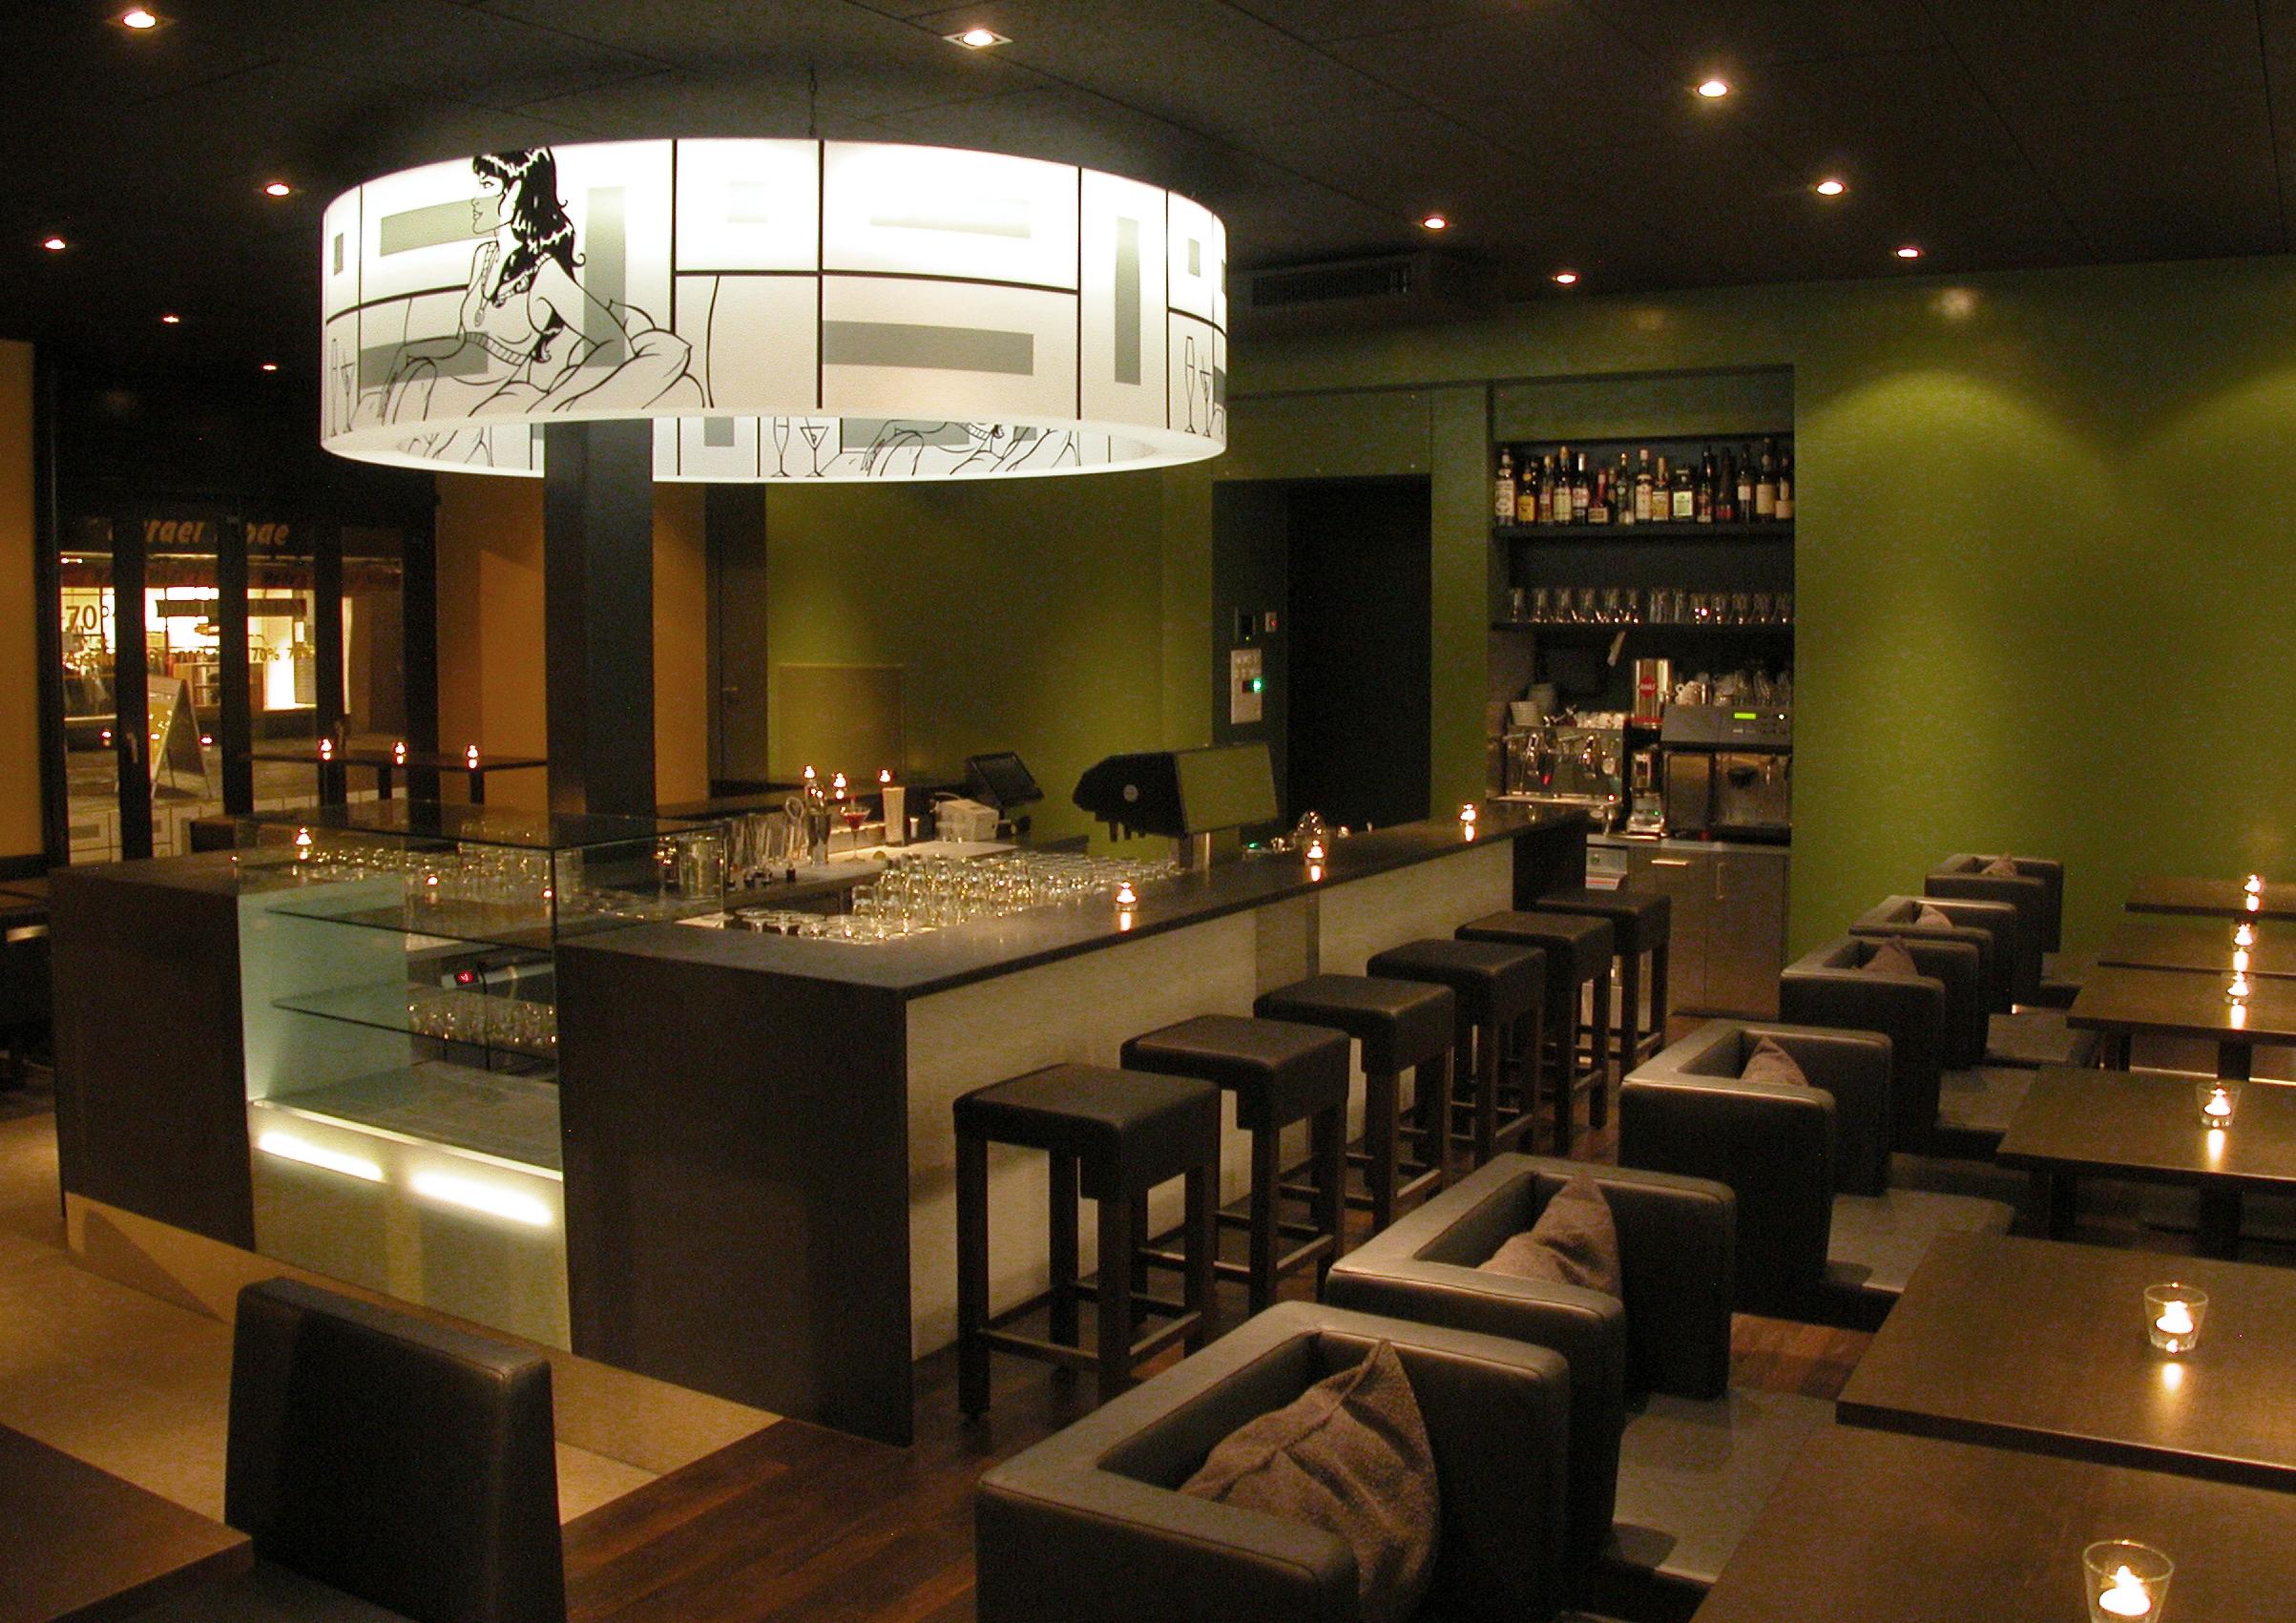 Innenarchitektur Cafe 90 café bar lounge aarau innenarchitektur leitgedanke projekte